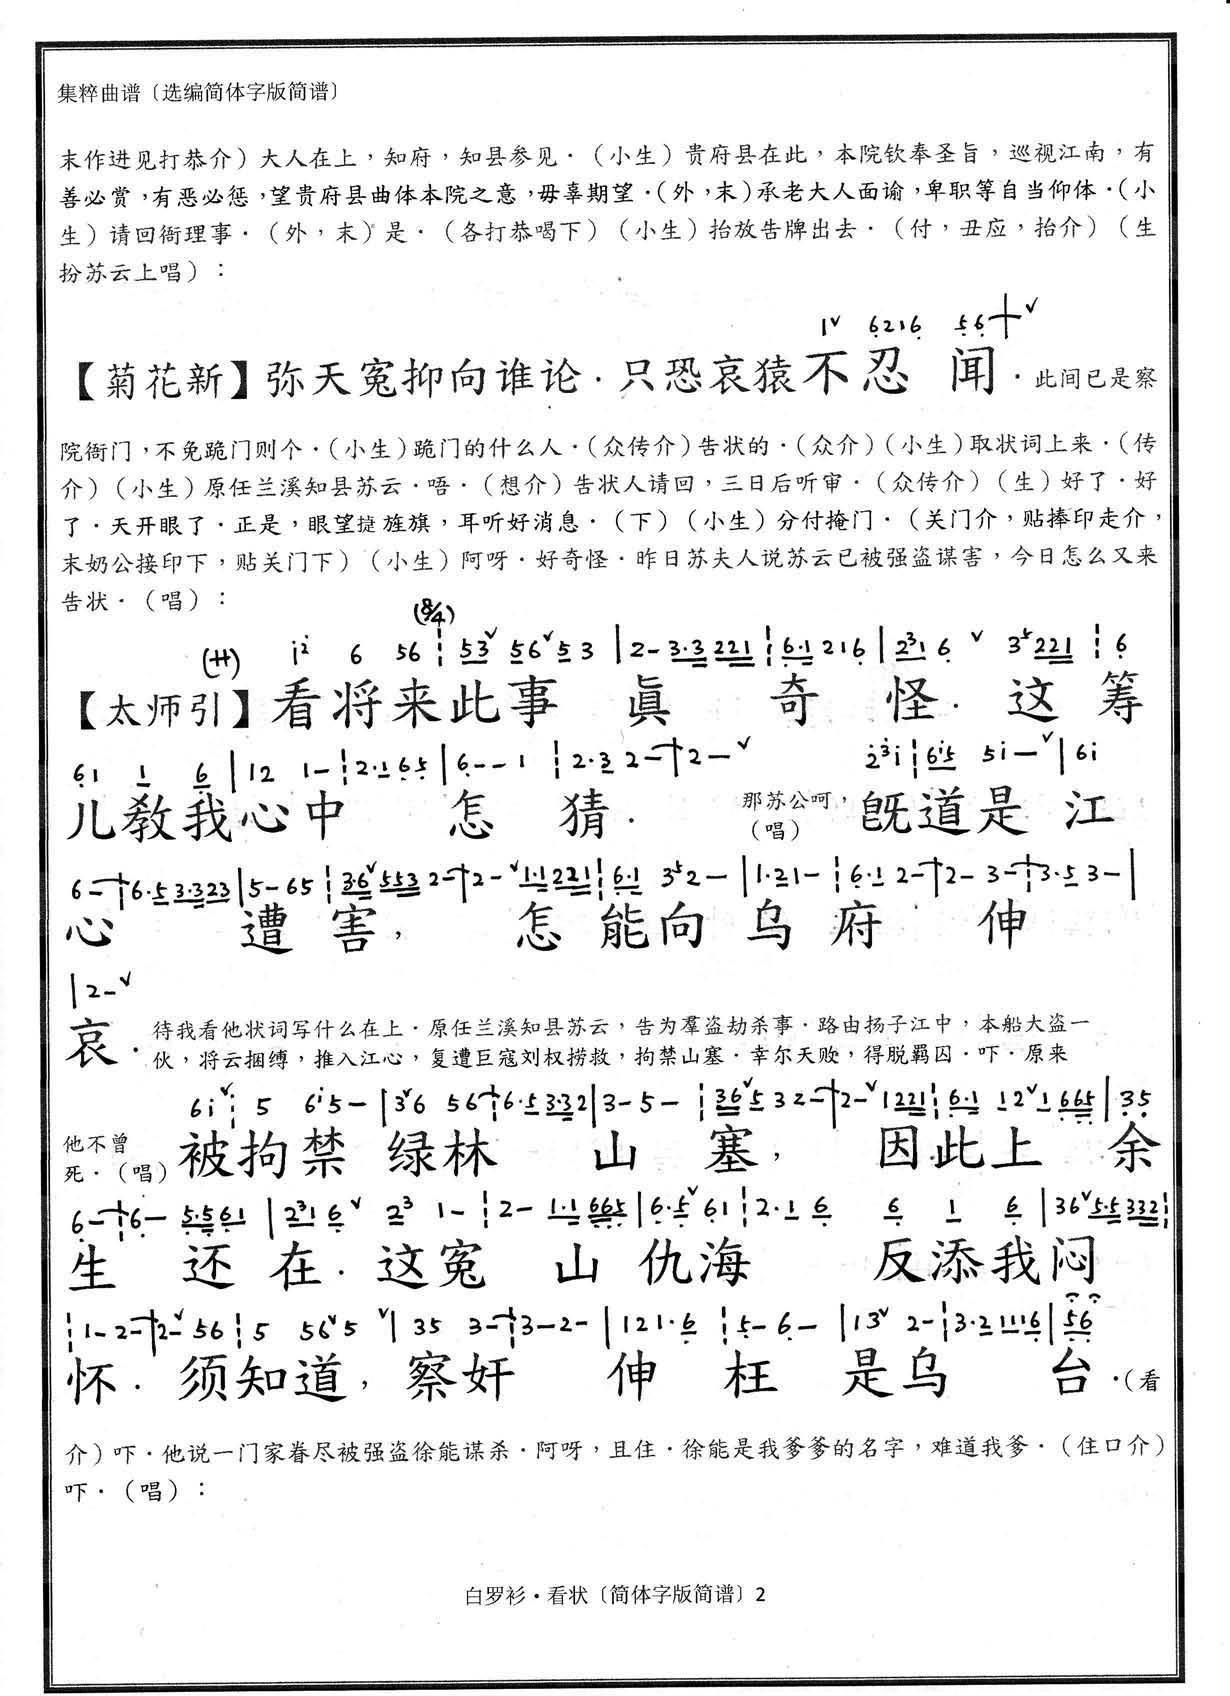 (崑曲)集粹曲譜: 看狀(白羅衫)(含簡體字版簡譜) | 集粹曲譜